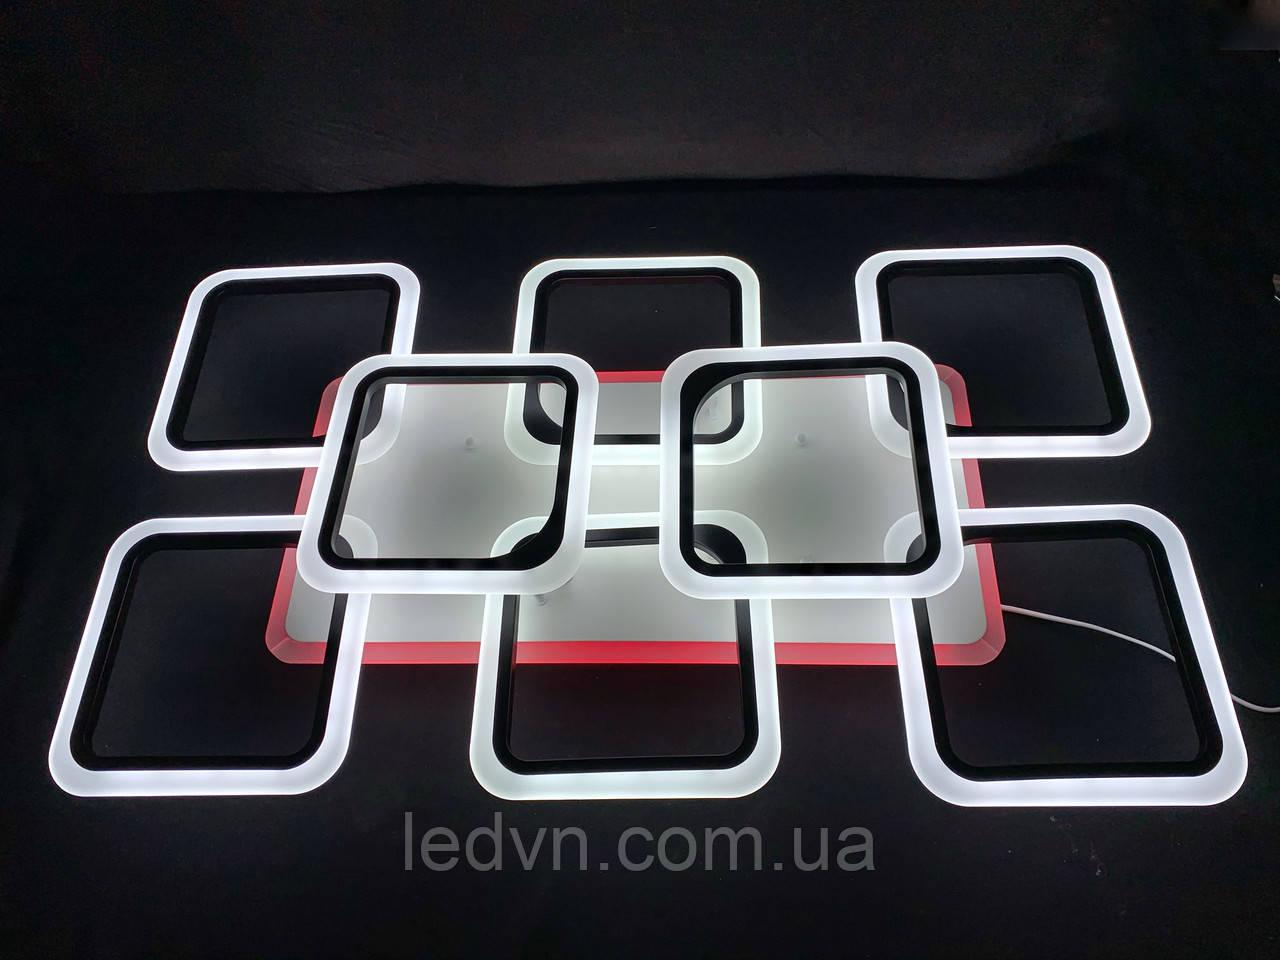 Светодиодная led люстра 6+2 квадрата черная 190 вт